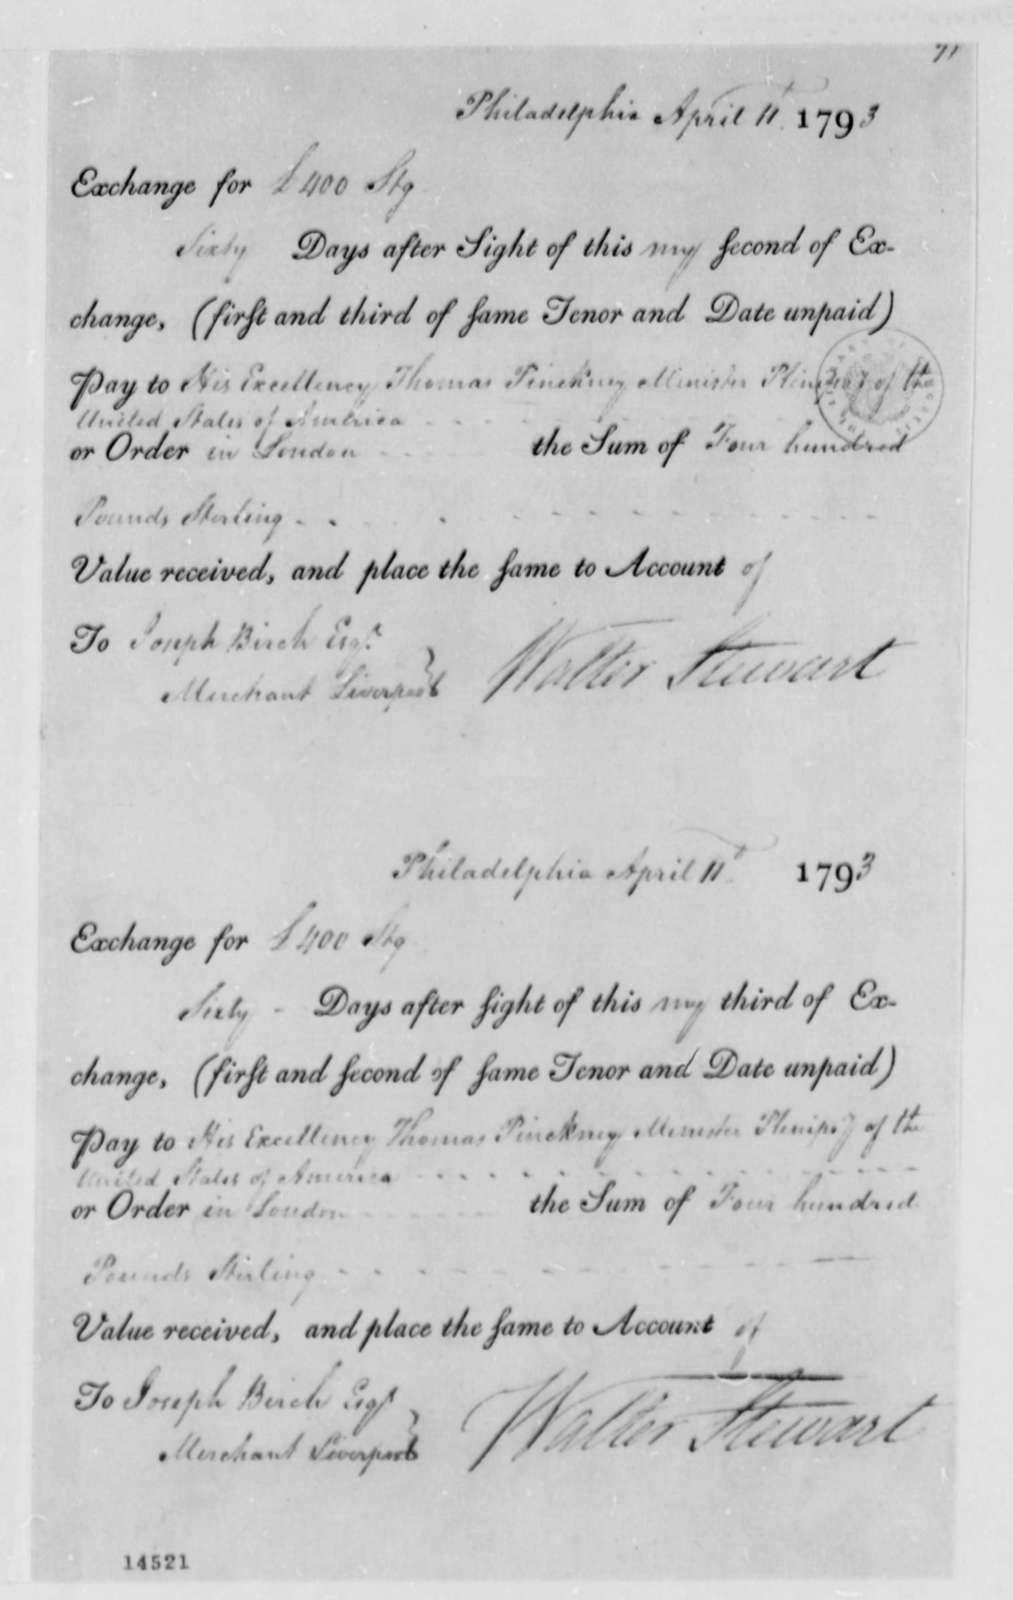 Walter Stewart to Thomas Pinckney, April 11, 1793, Bank Drafts